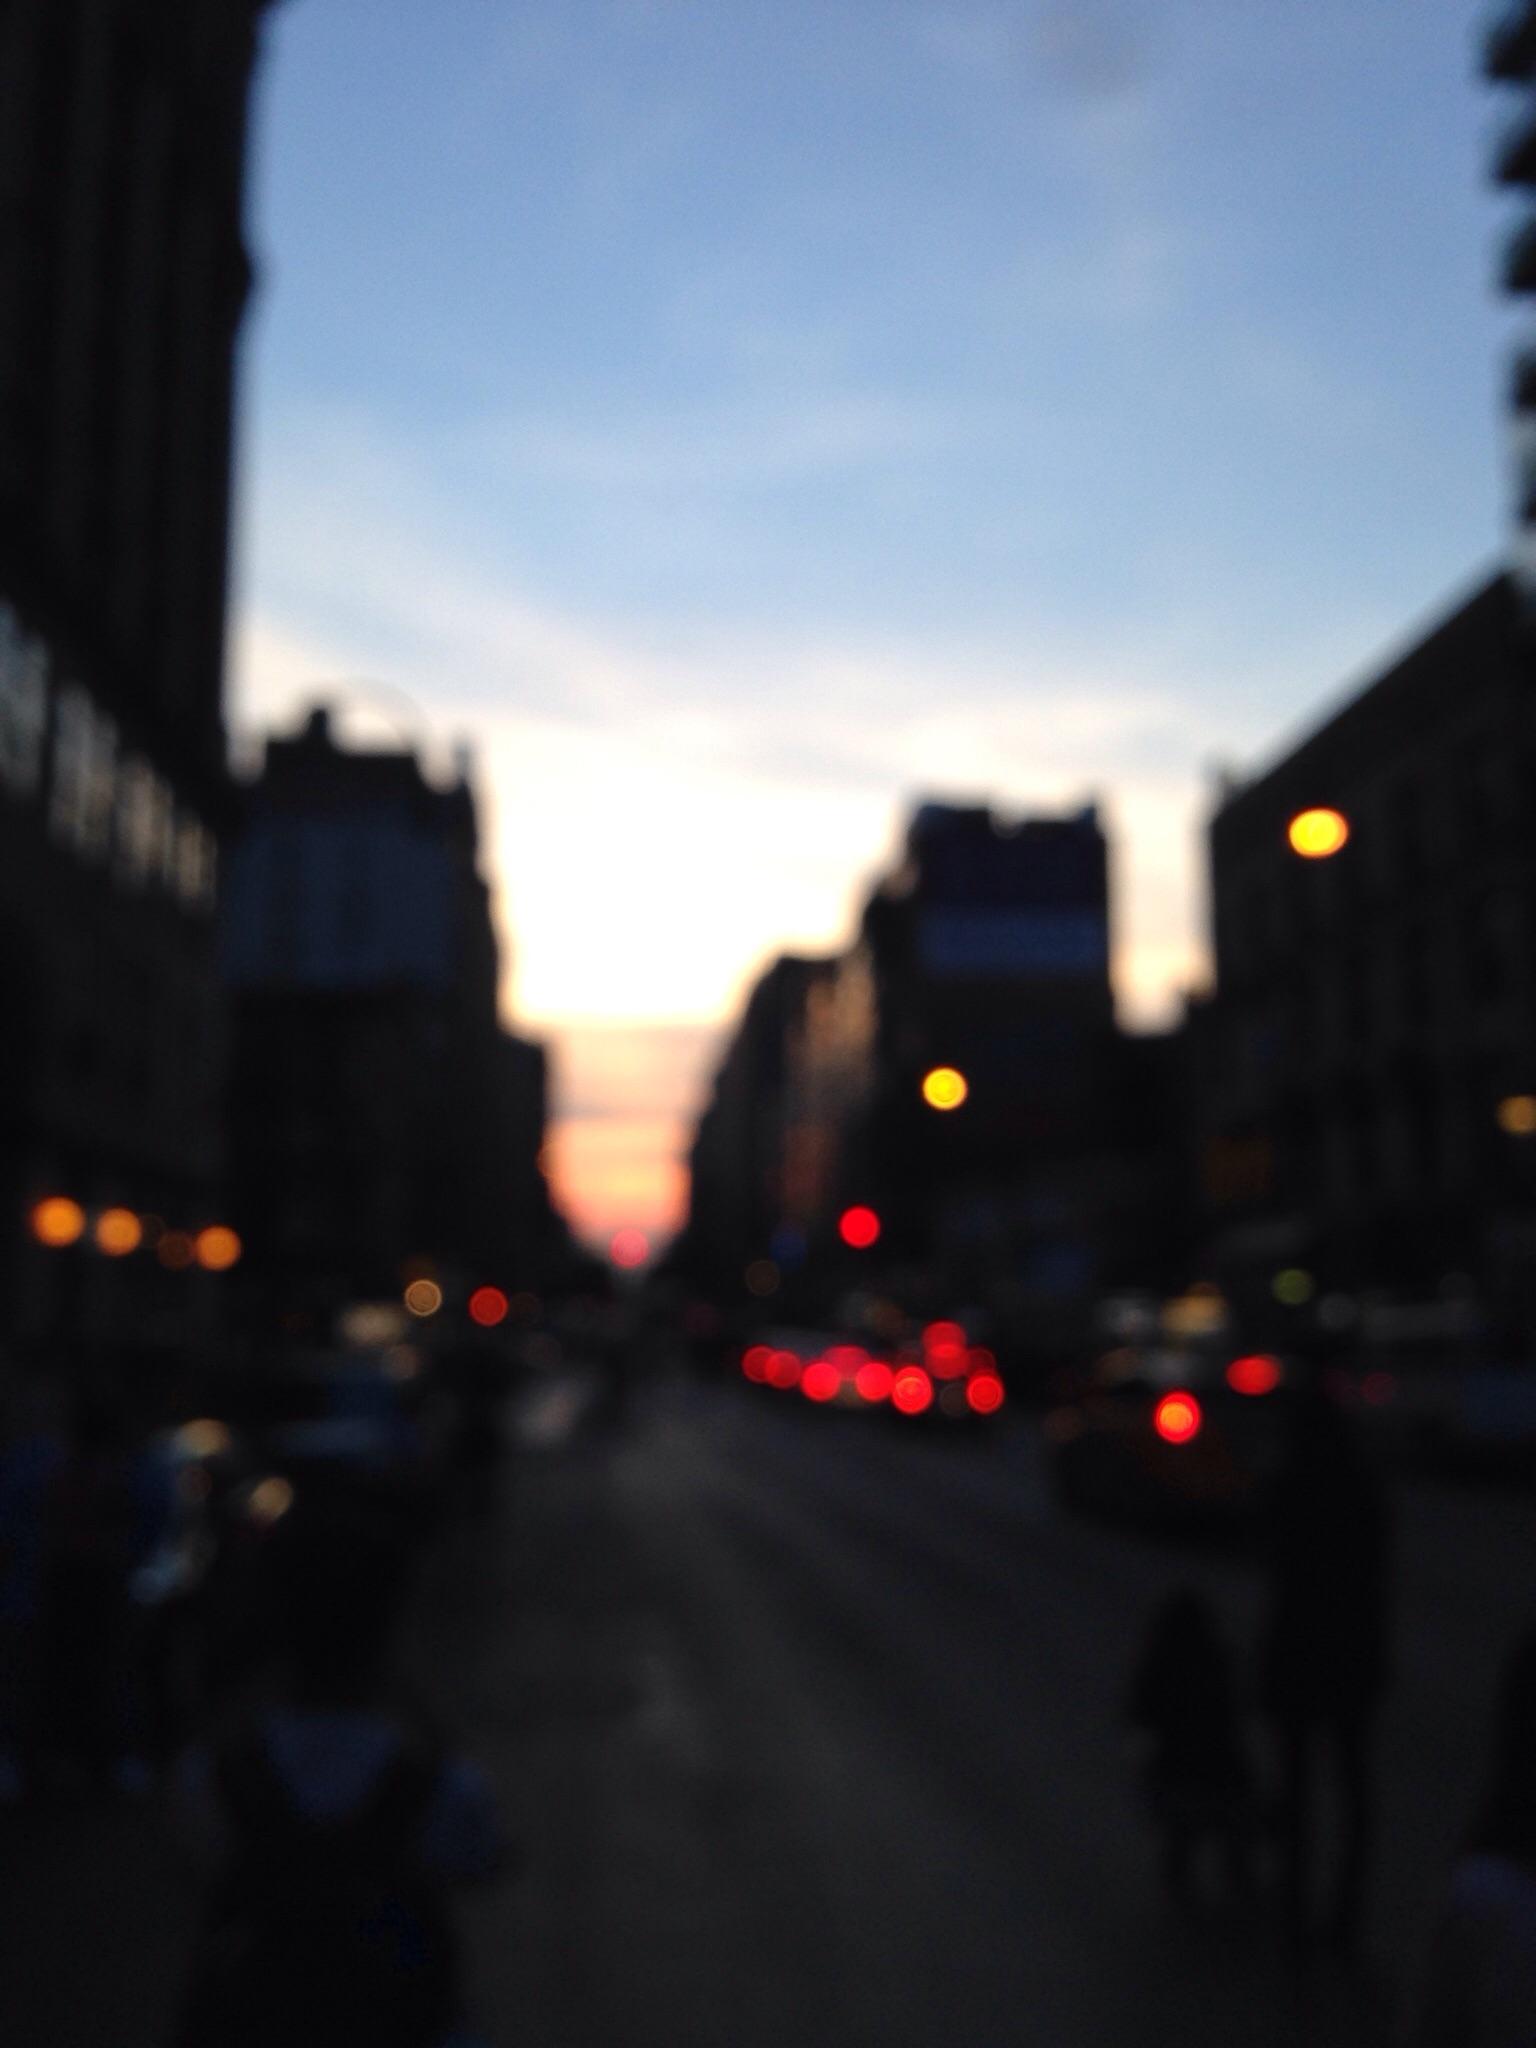 NYC Blurred. 2015